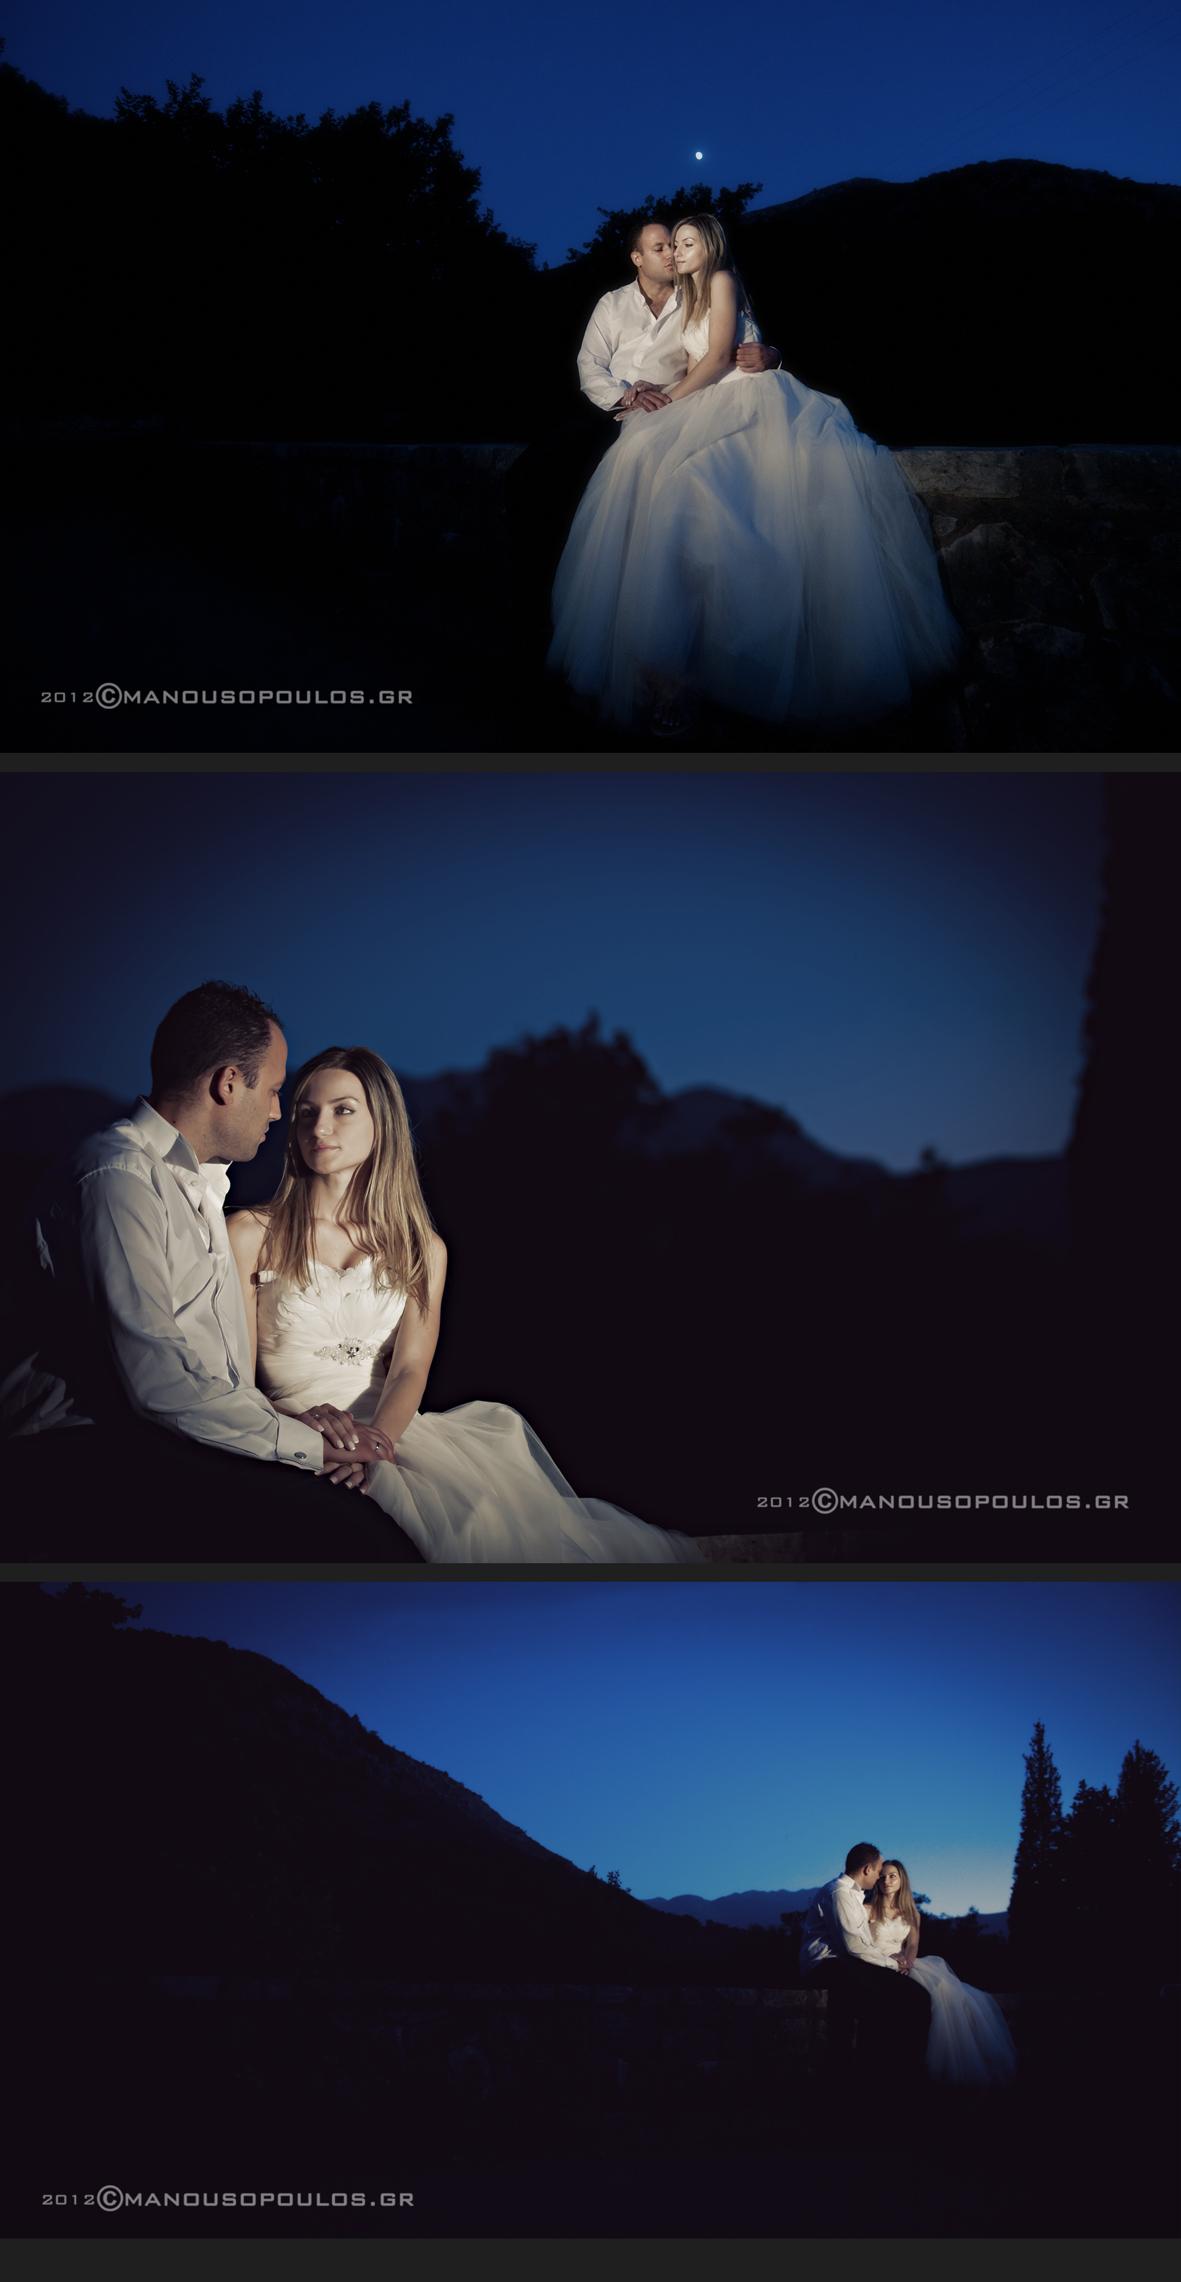 Φωτογράφιση γάμου στη Καρύταινα Αρκαδίας (Τρίπολη).